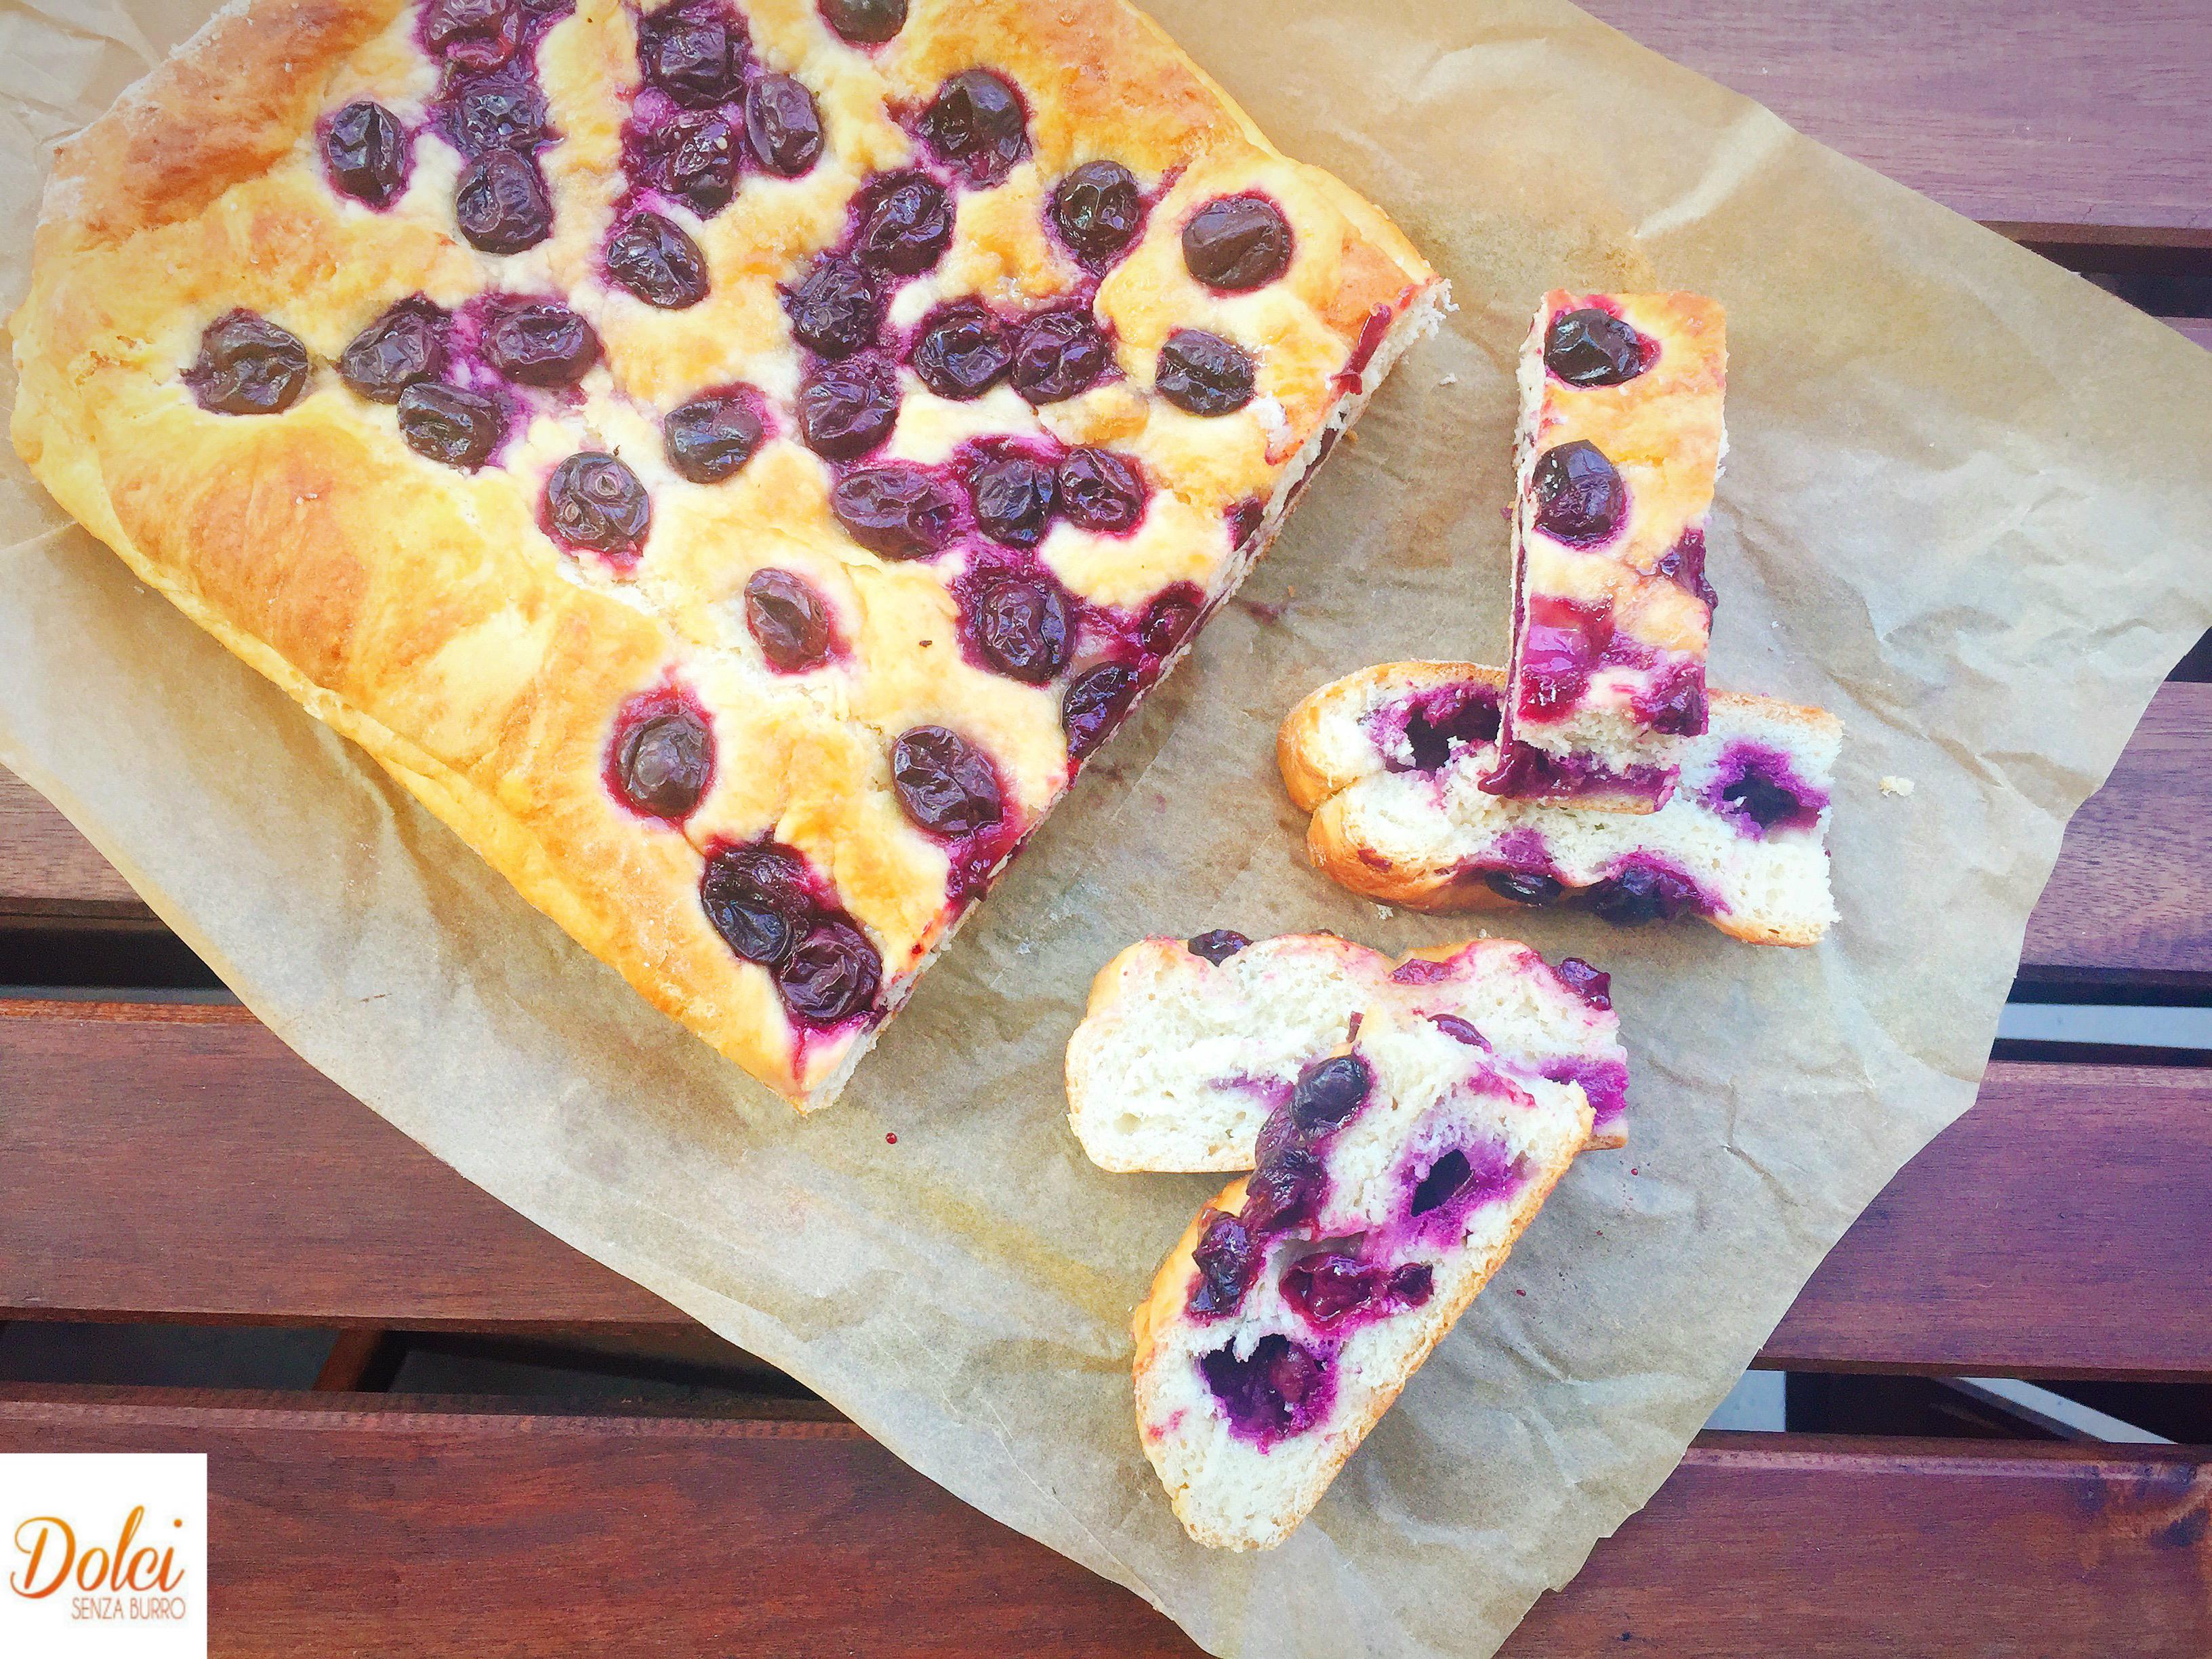 Schiacciata con l'Uva, un dolce goloso e particolare di dolci senza burro